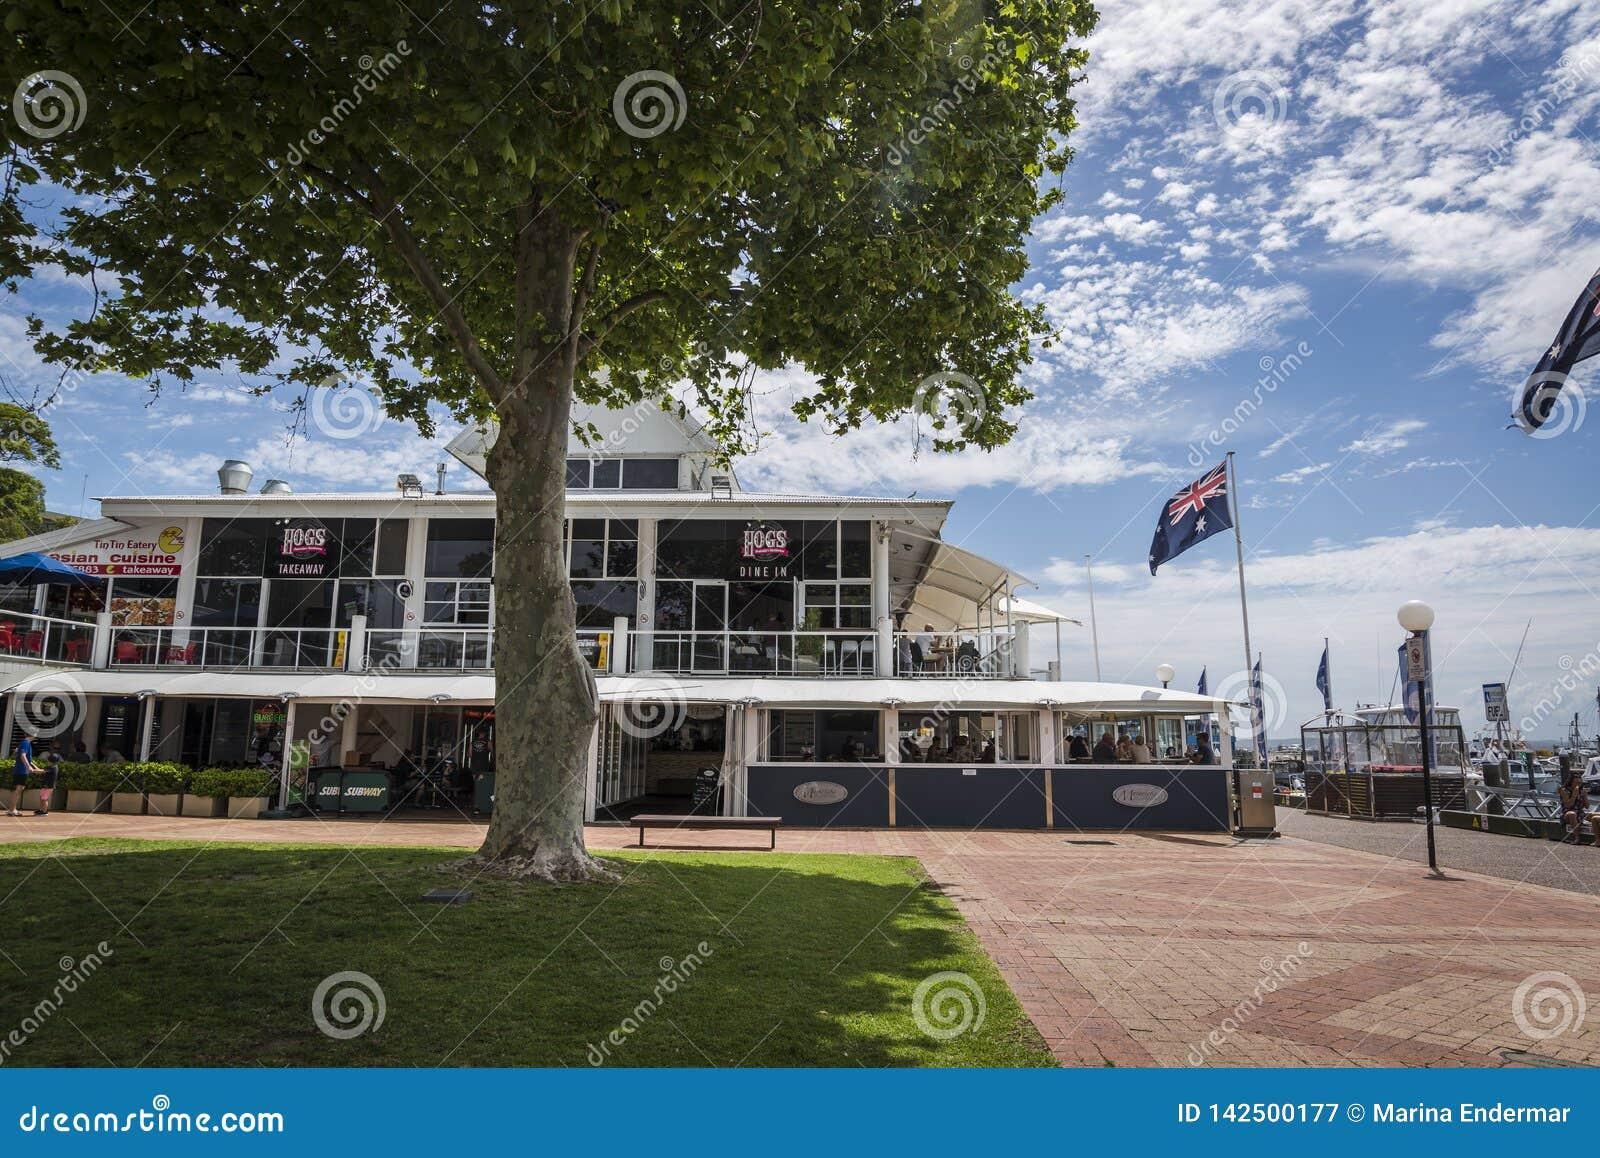 肉猪的澳大利亚的牛排餐厅,纳尔逊海湾,NSW,澳大利亚